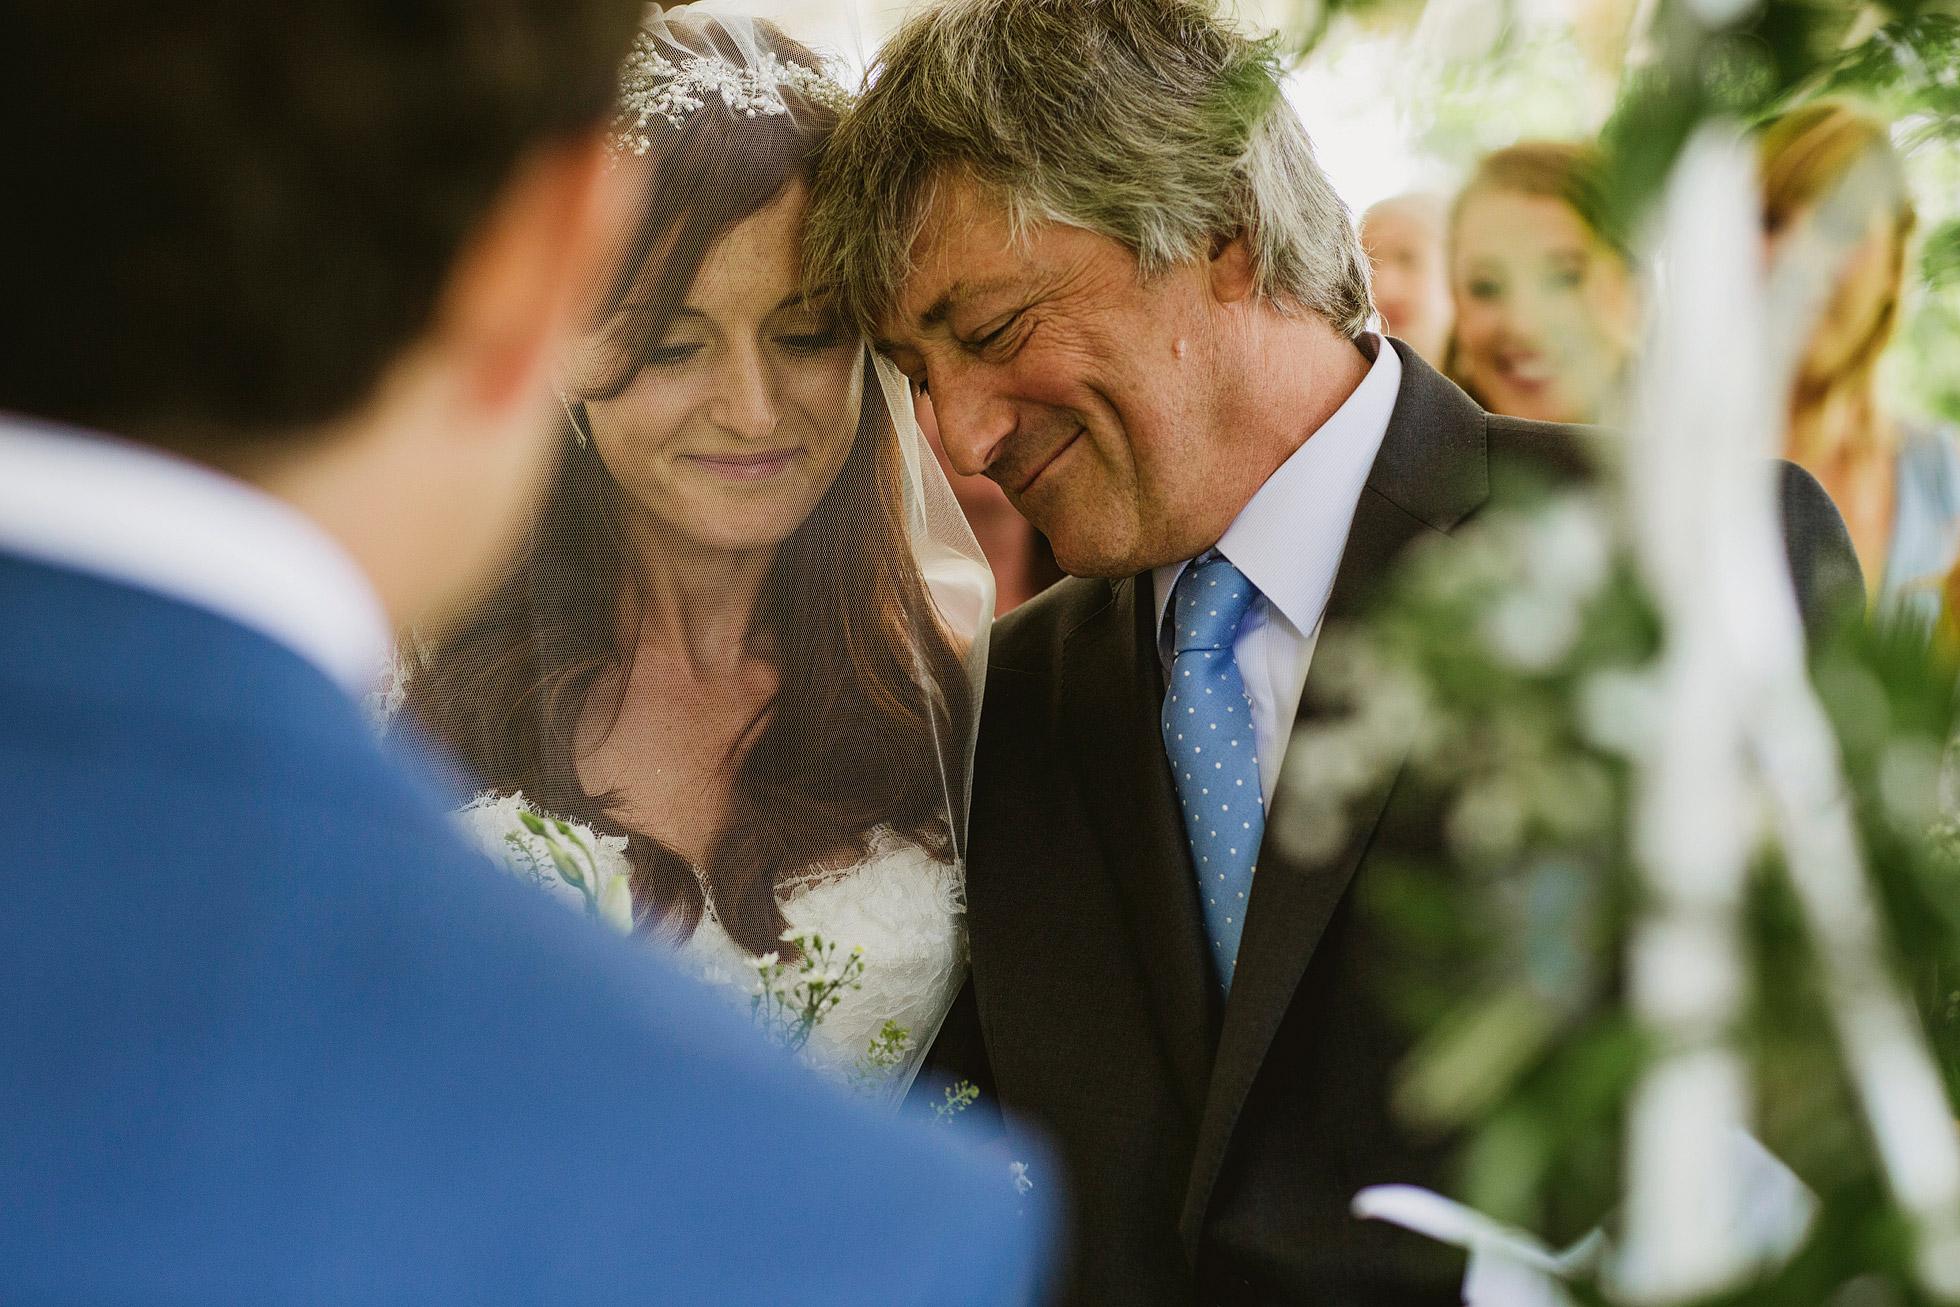 Dukes Place Courtyard Wedding Photographers